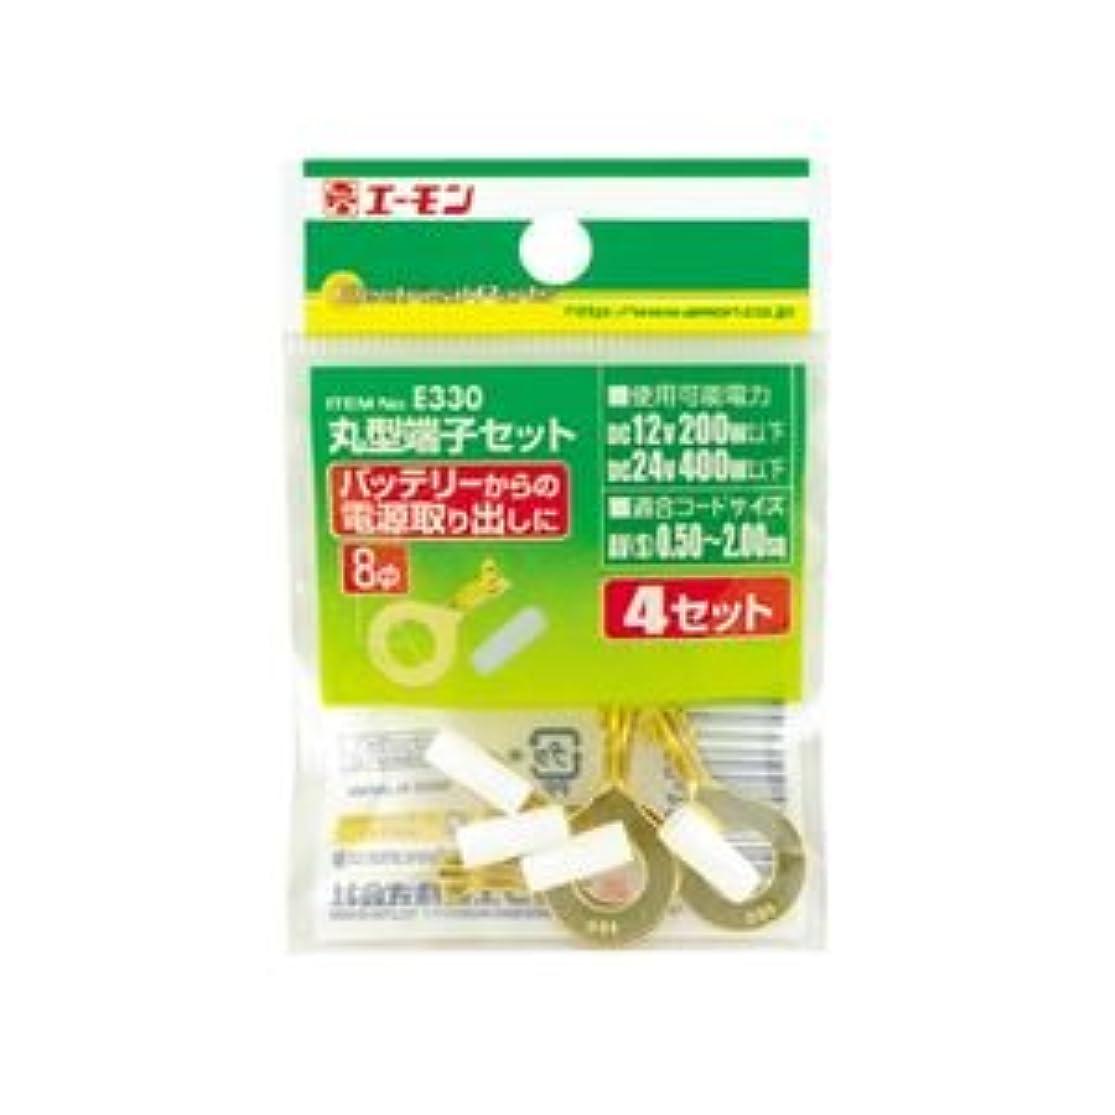 鹿波微妙(まとめ) 丸型端子セット E330 【×30セット】